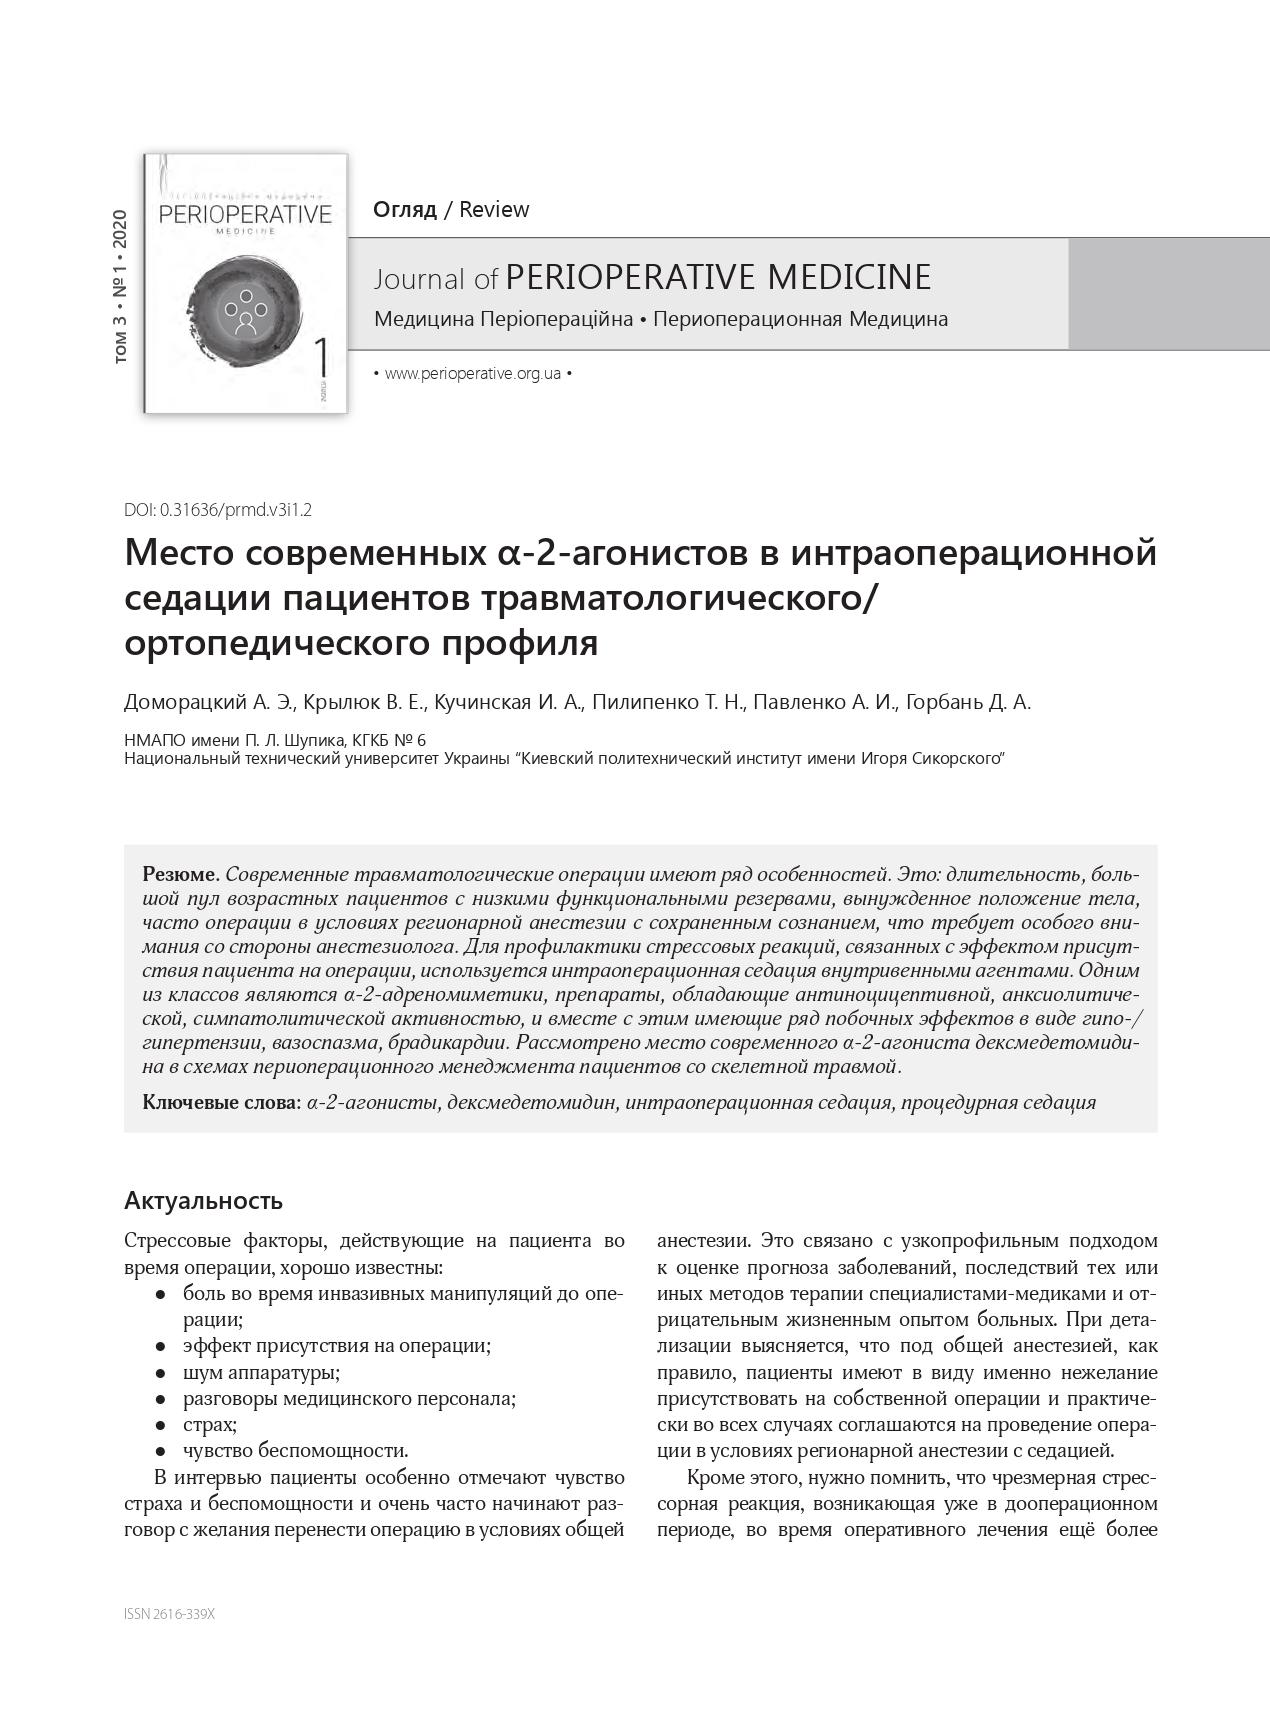 Место современных α-2-агонистов в интраоперационной седации пациентов травматологического/ортопедического профиля